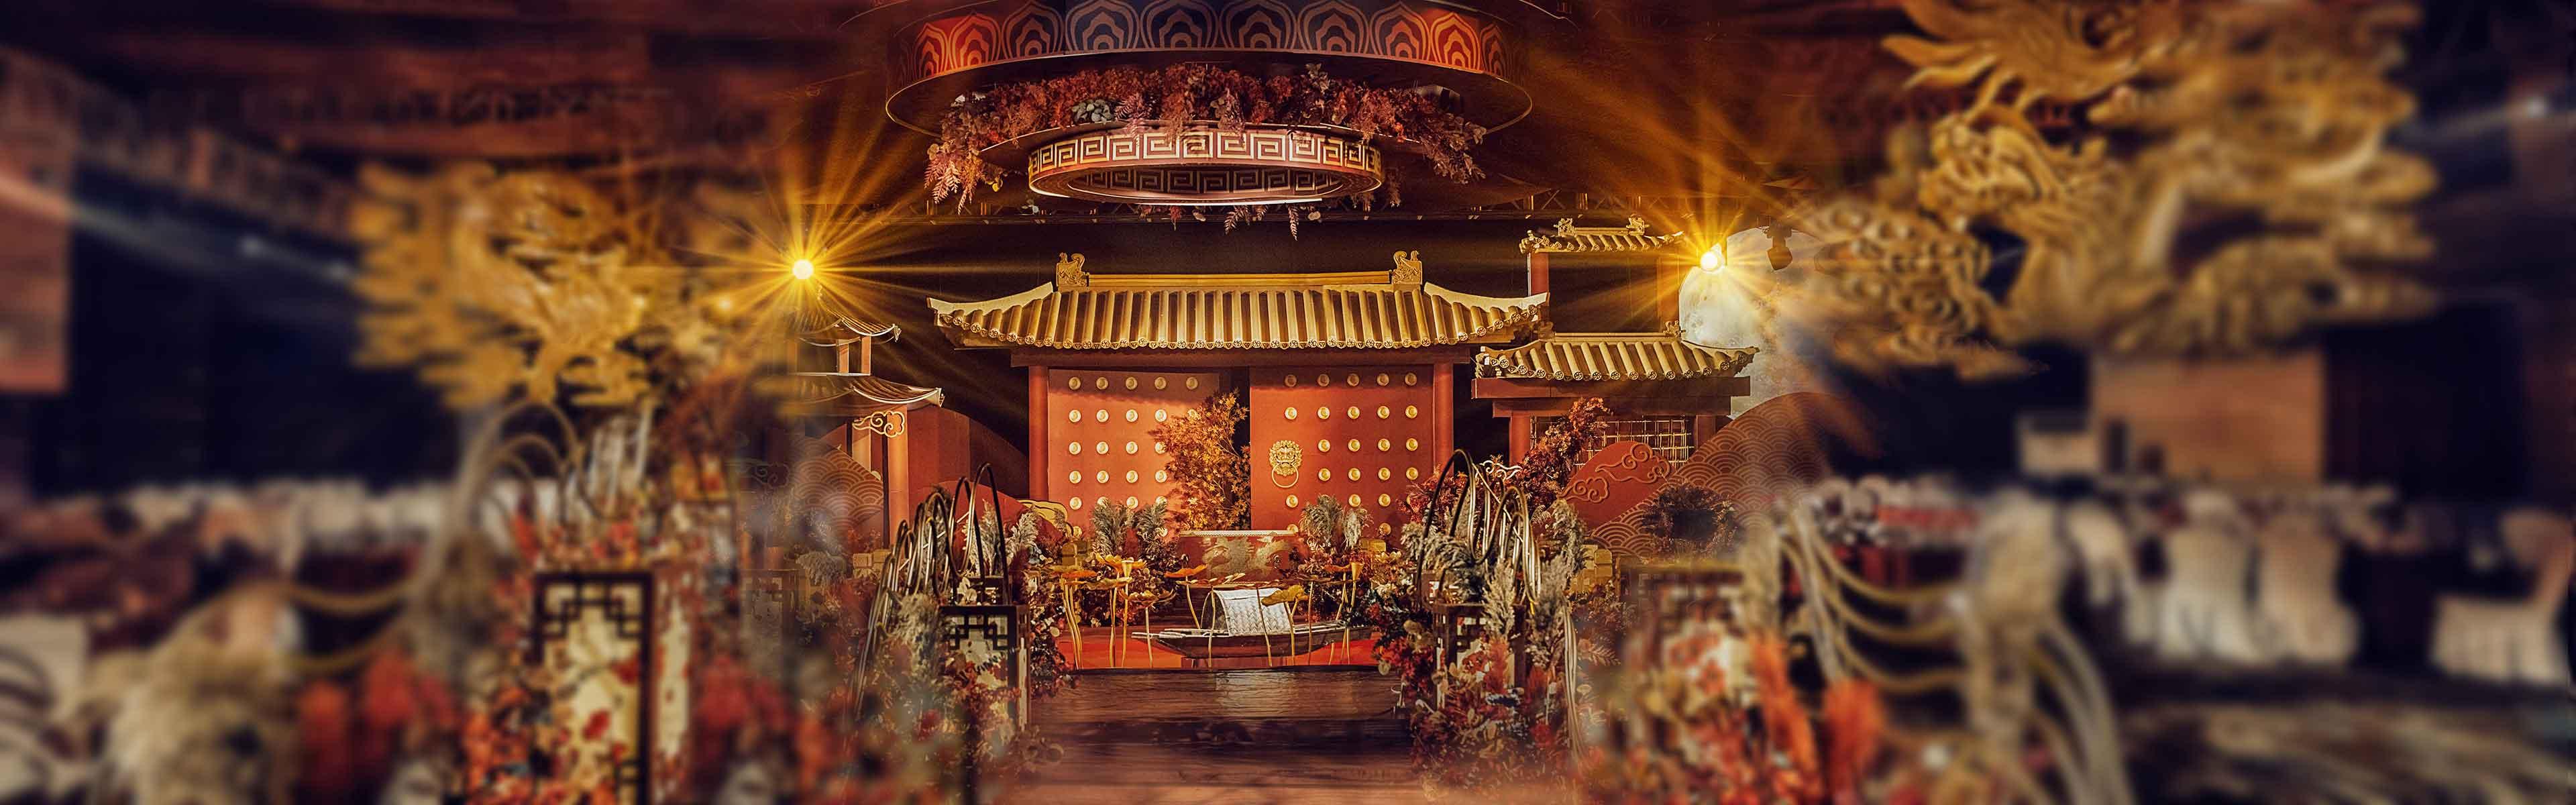 榆树市婚庆策划案例:最美婚礼 年度 | 河南 郑州